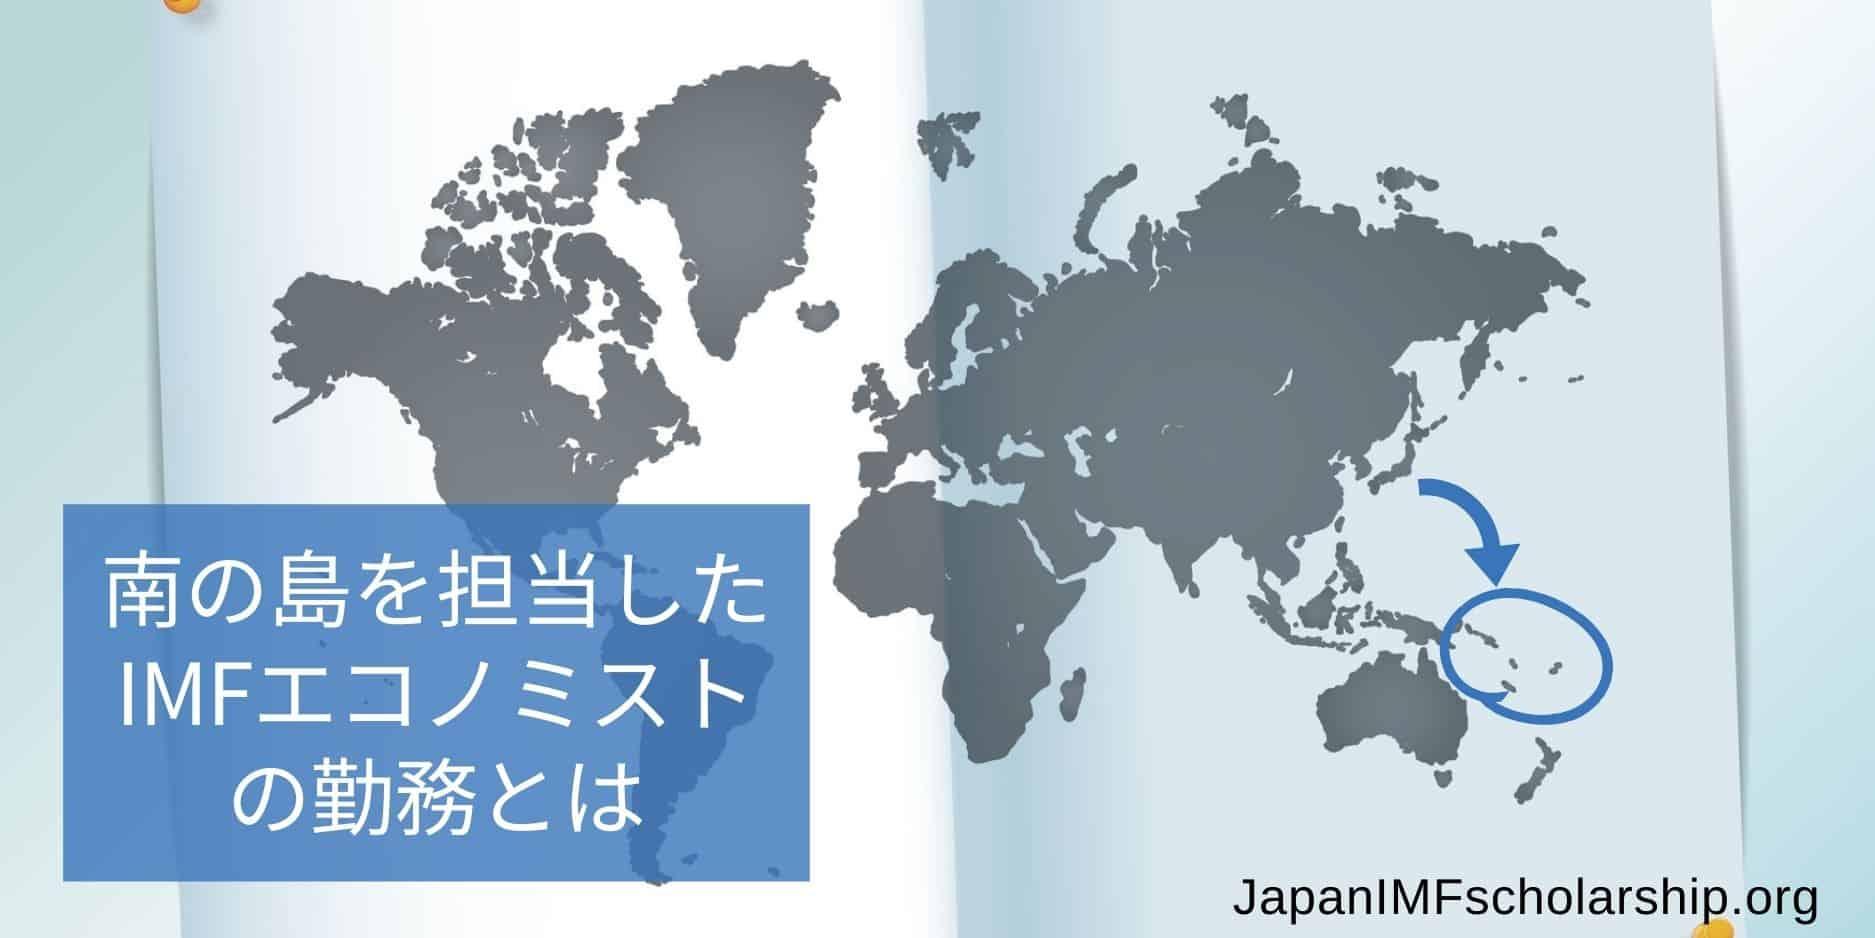 jisp web-fb imf economist mr nishizawa work experiences in solomon and vanuatu